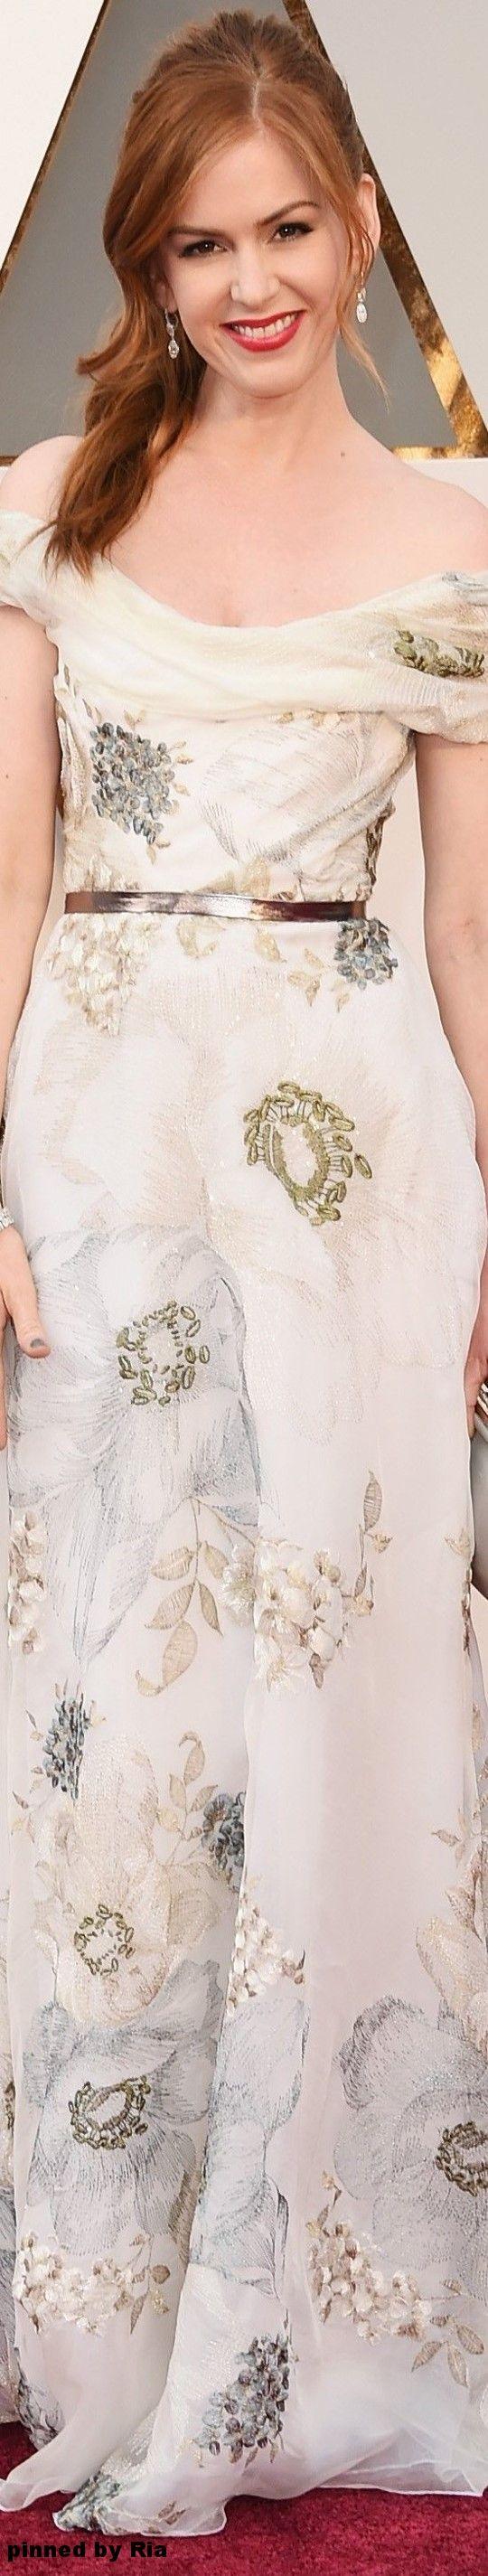 Isla Fisher l The 2016 Oscars l Ria